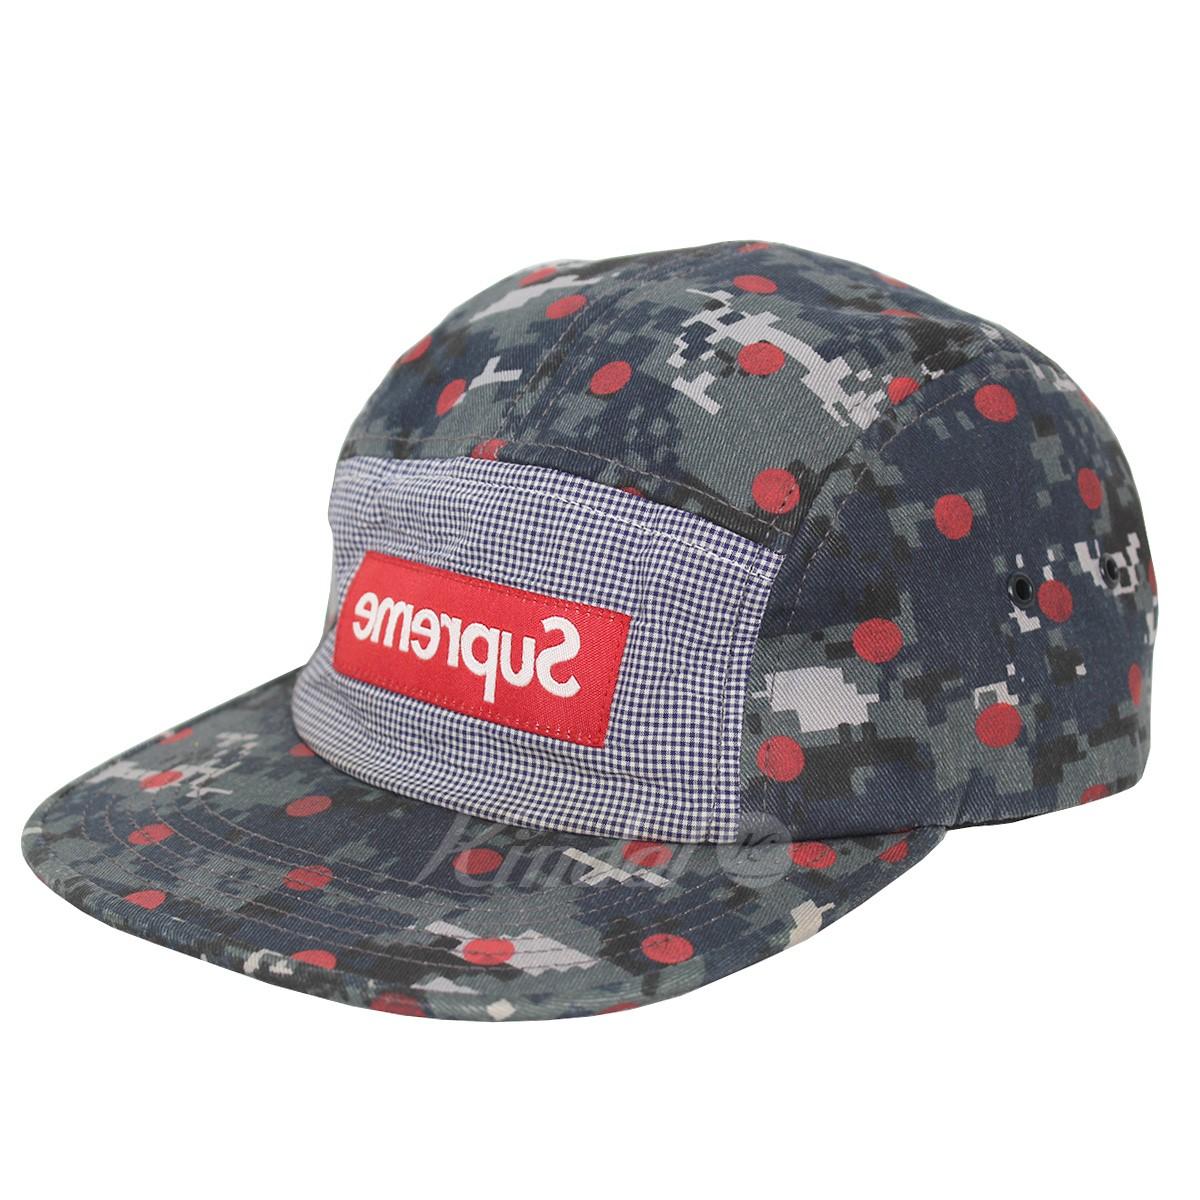 【中古】Supreme × COMME des GARCONS SHIRT 13SS Camp Cap 反転BOXロゴデジカモキャンプキャップ 【送料無料】 【002238】 【KIND1490】